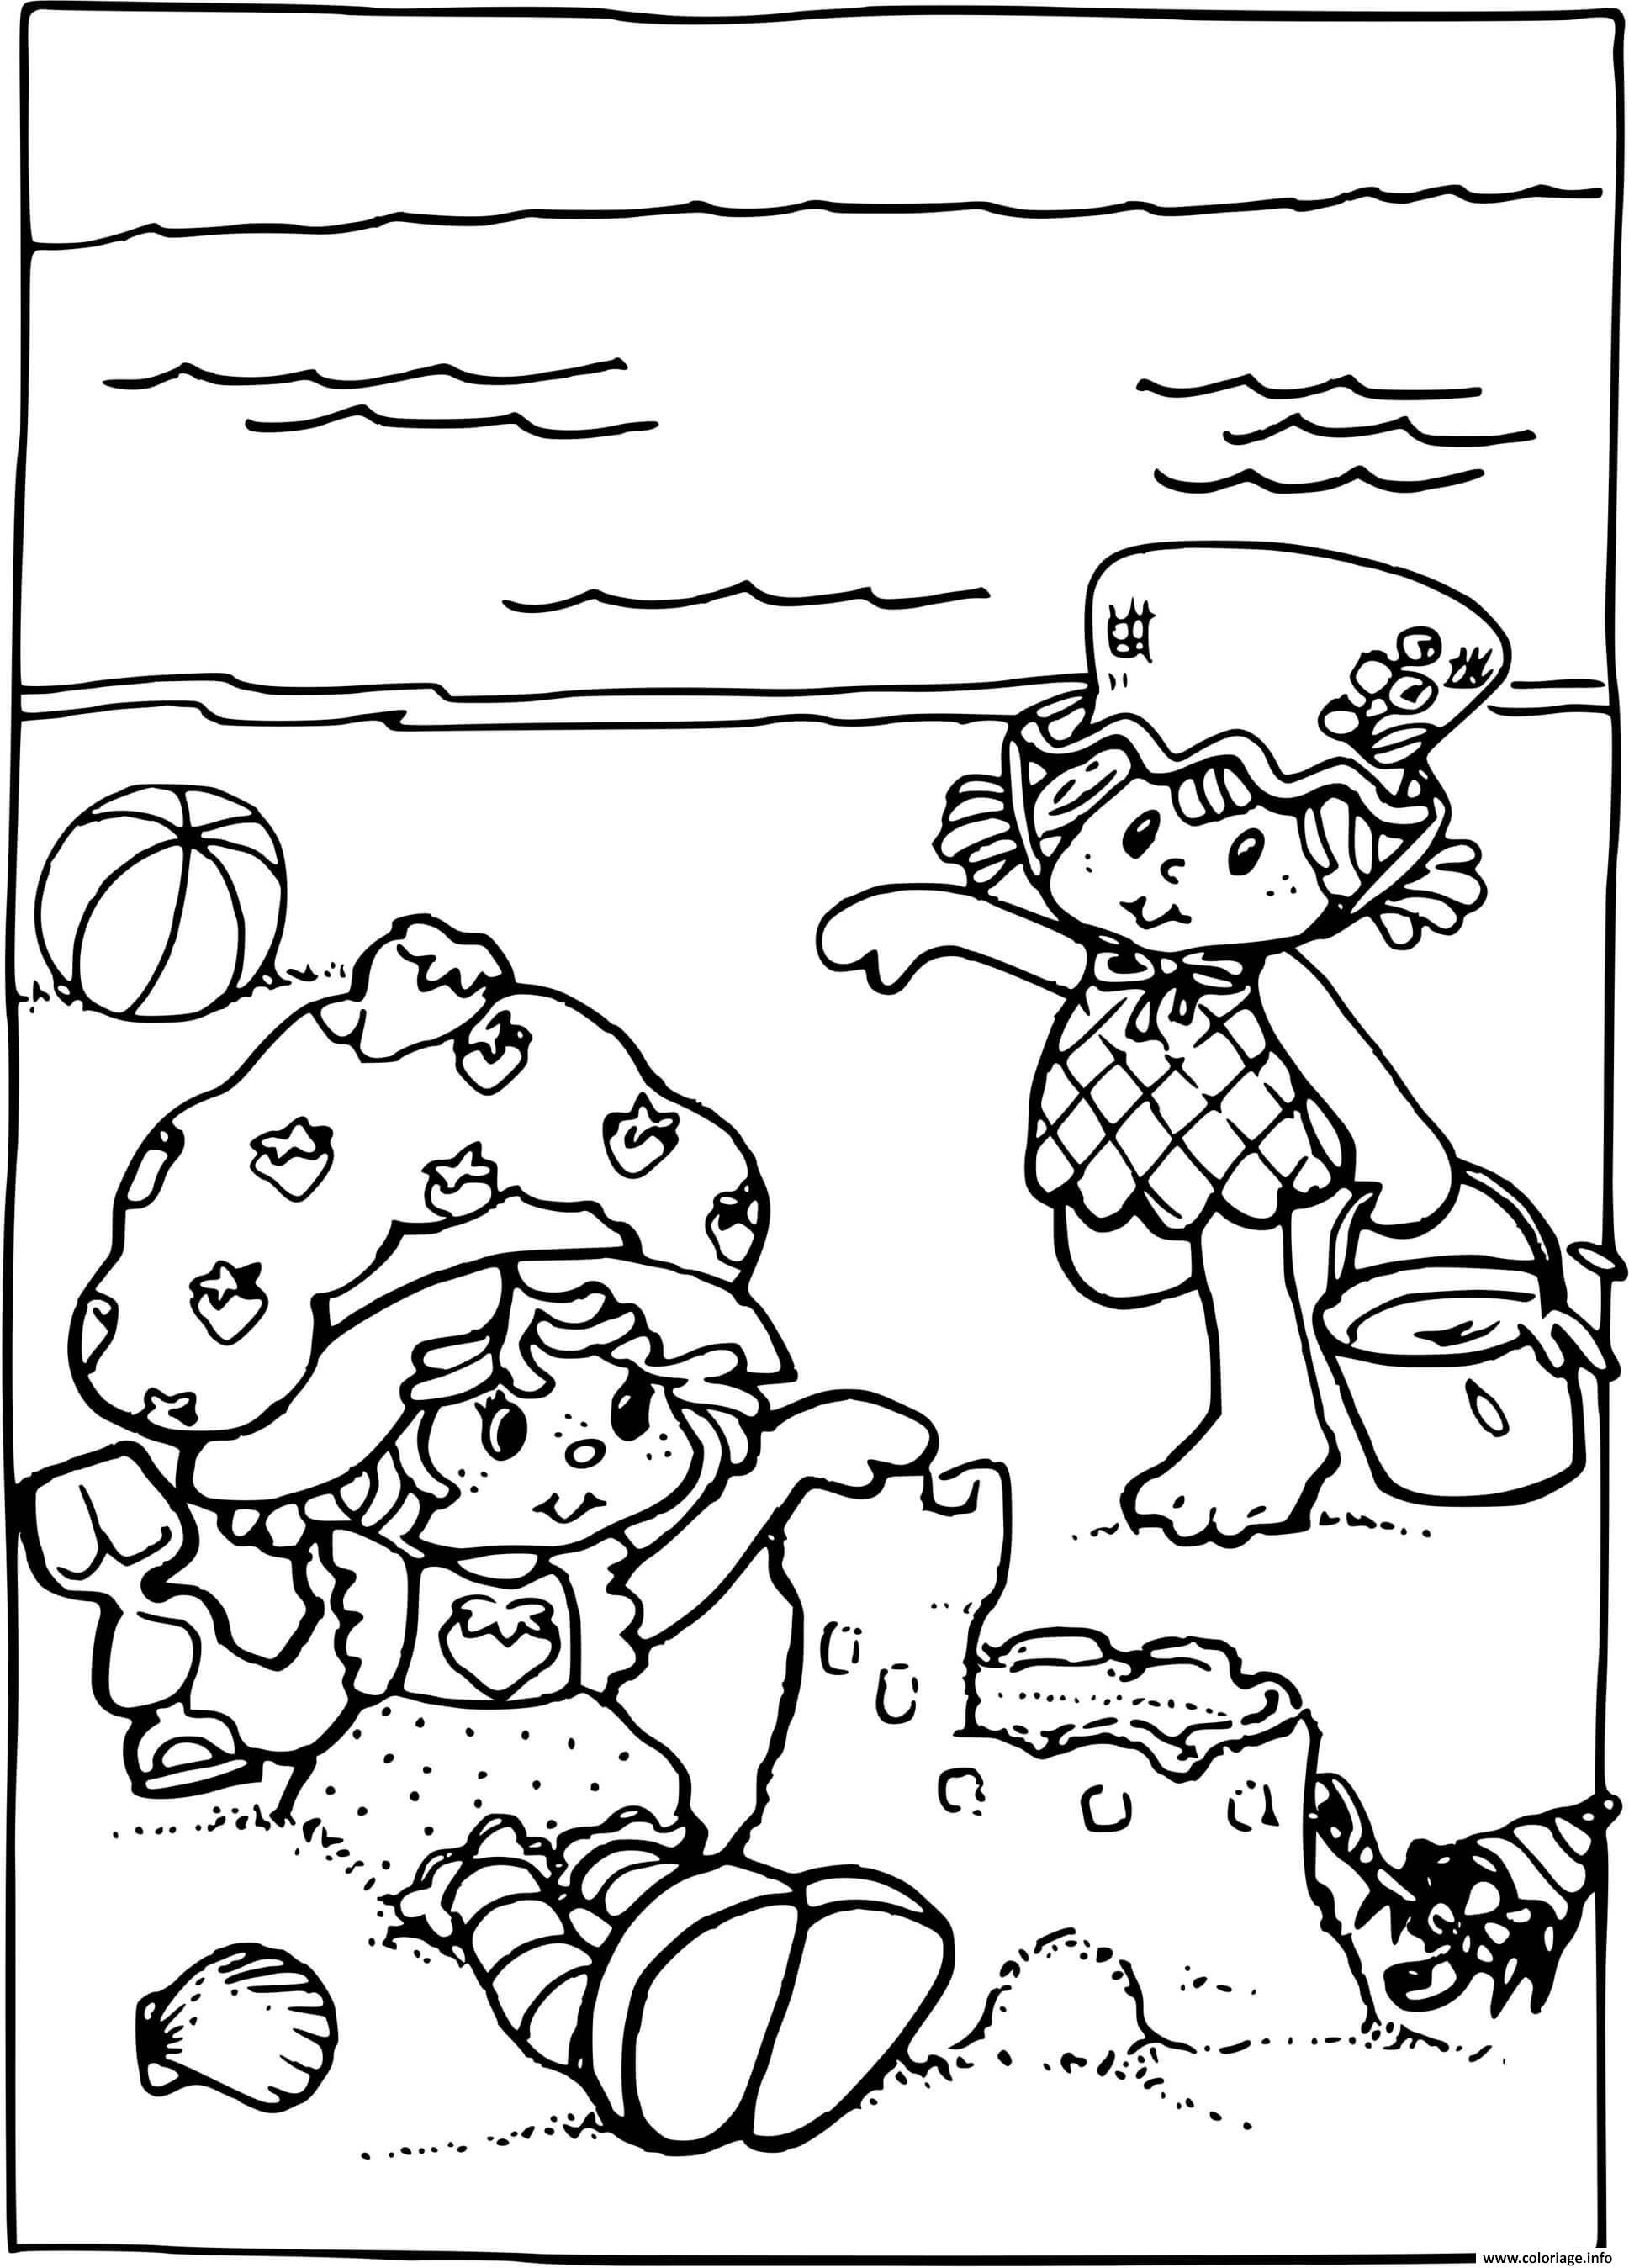 Dessin Charlotte aux fraises construit un chateau de sable Coloriage Gratuit à Imprimer